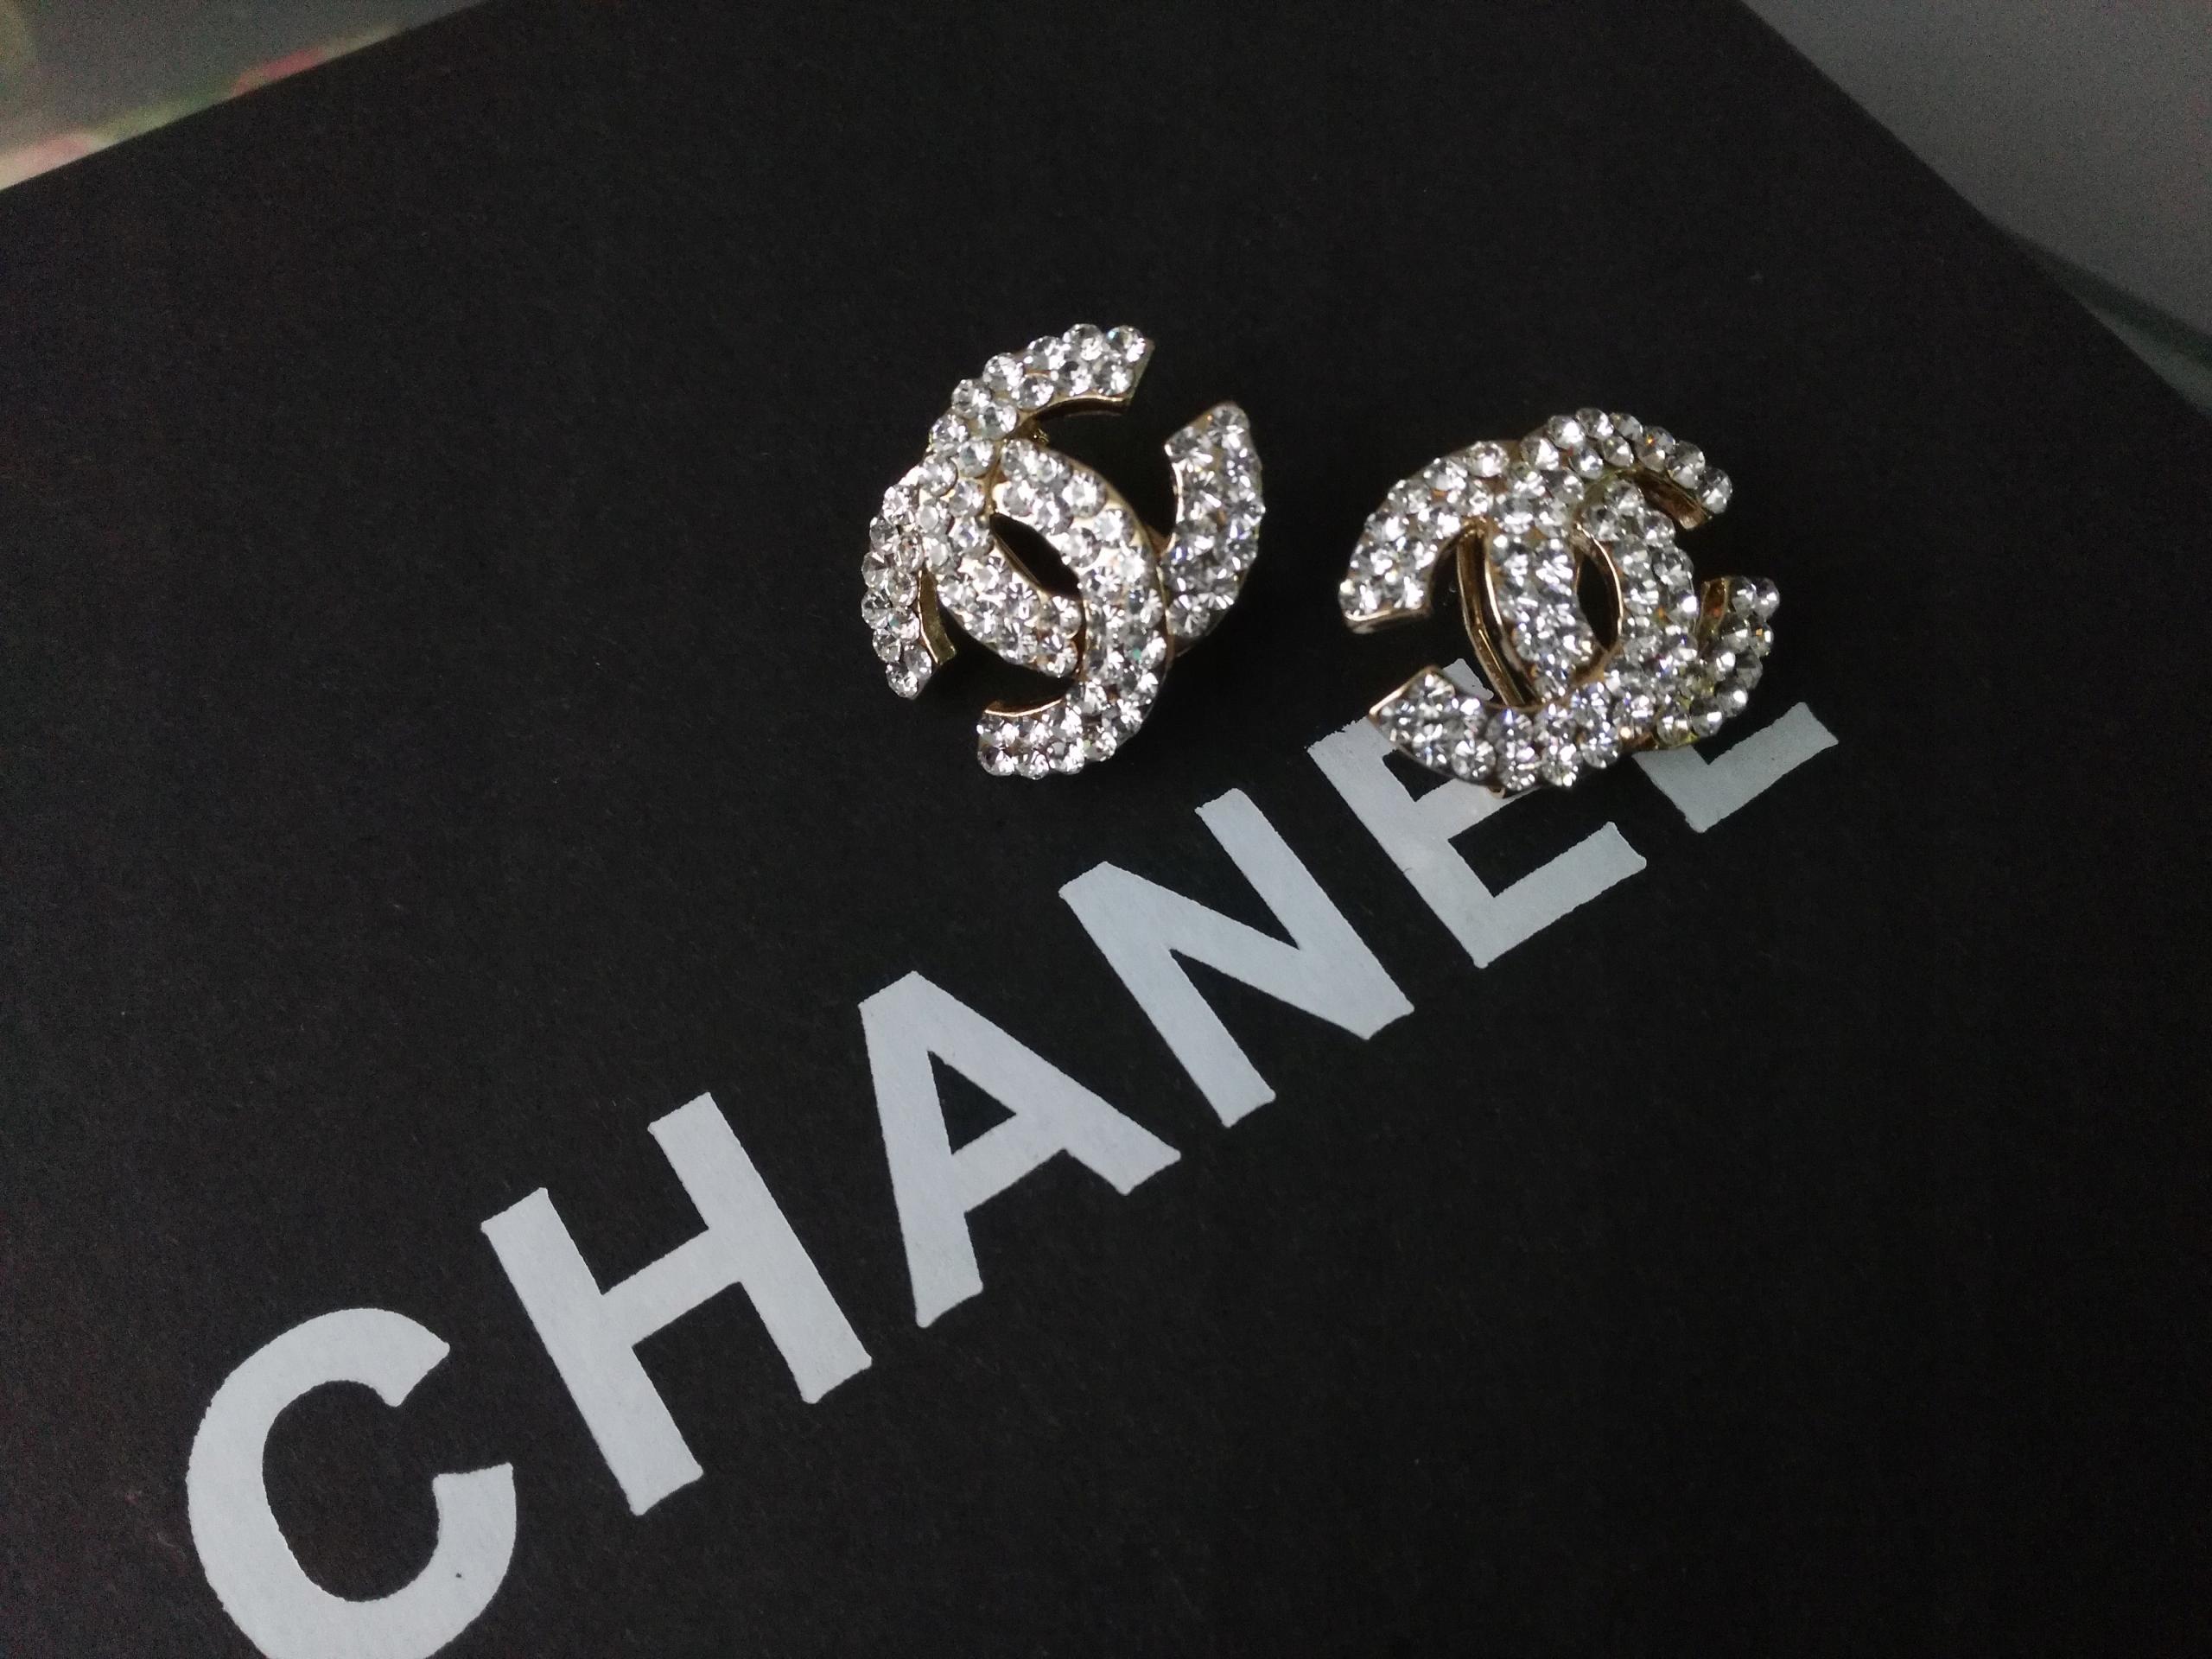 ffebab54eb623 Kolczyki złote Chanel prezent cyrkonie - 7727043632 - oficjalne ...